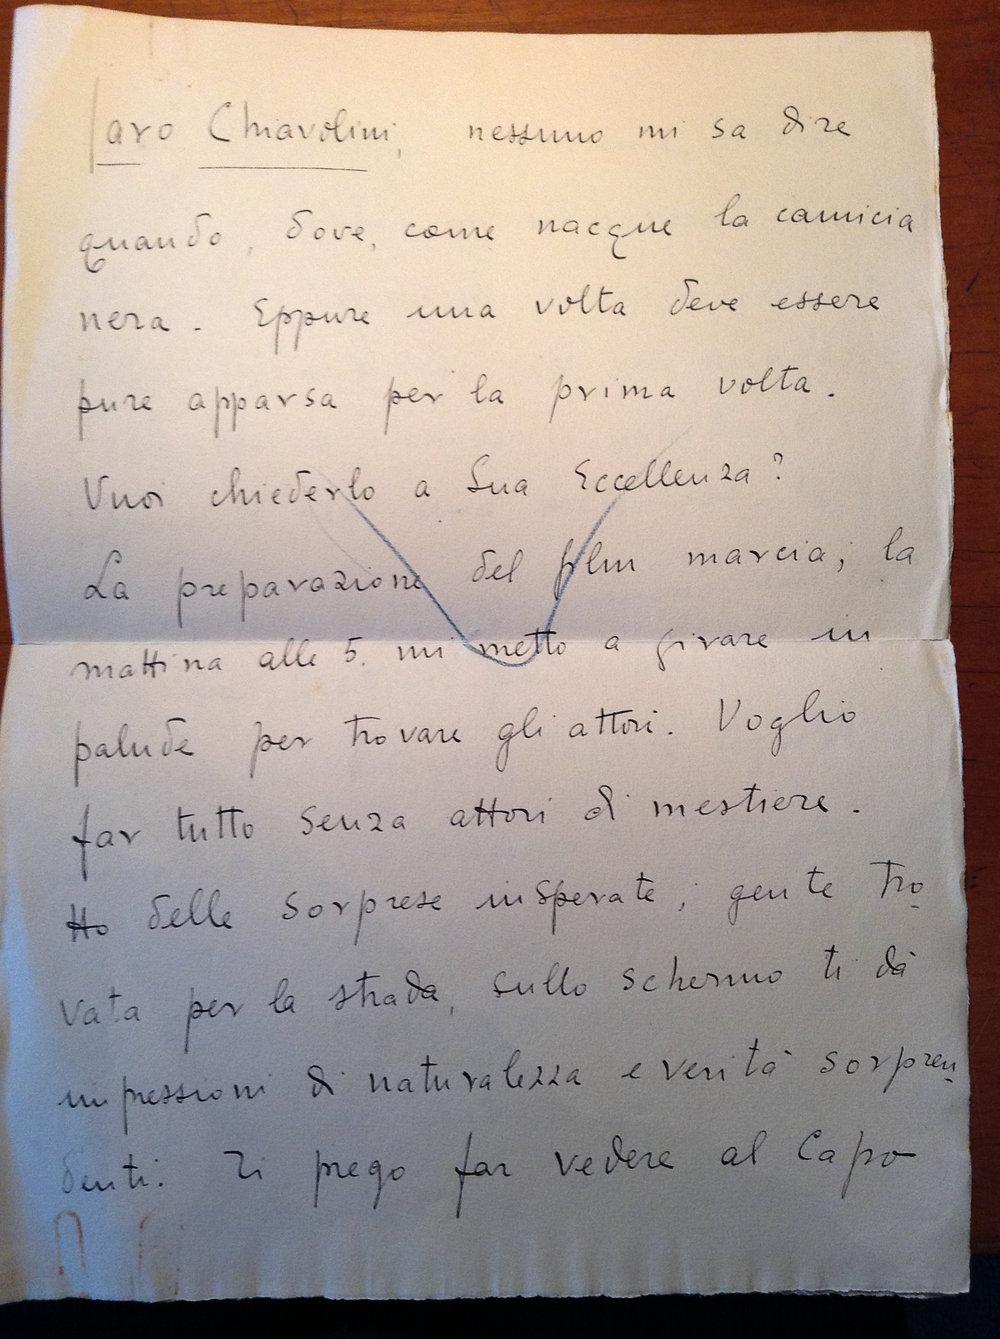 Letter to Alessandro Chiavolini from Giovacchino Forzano. Central Archives of the State, Segreteria Particolare del Duce, Carteggio Riservato, busta 85 Forzano. Property of the author.